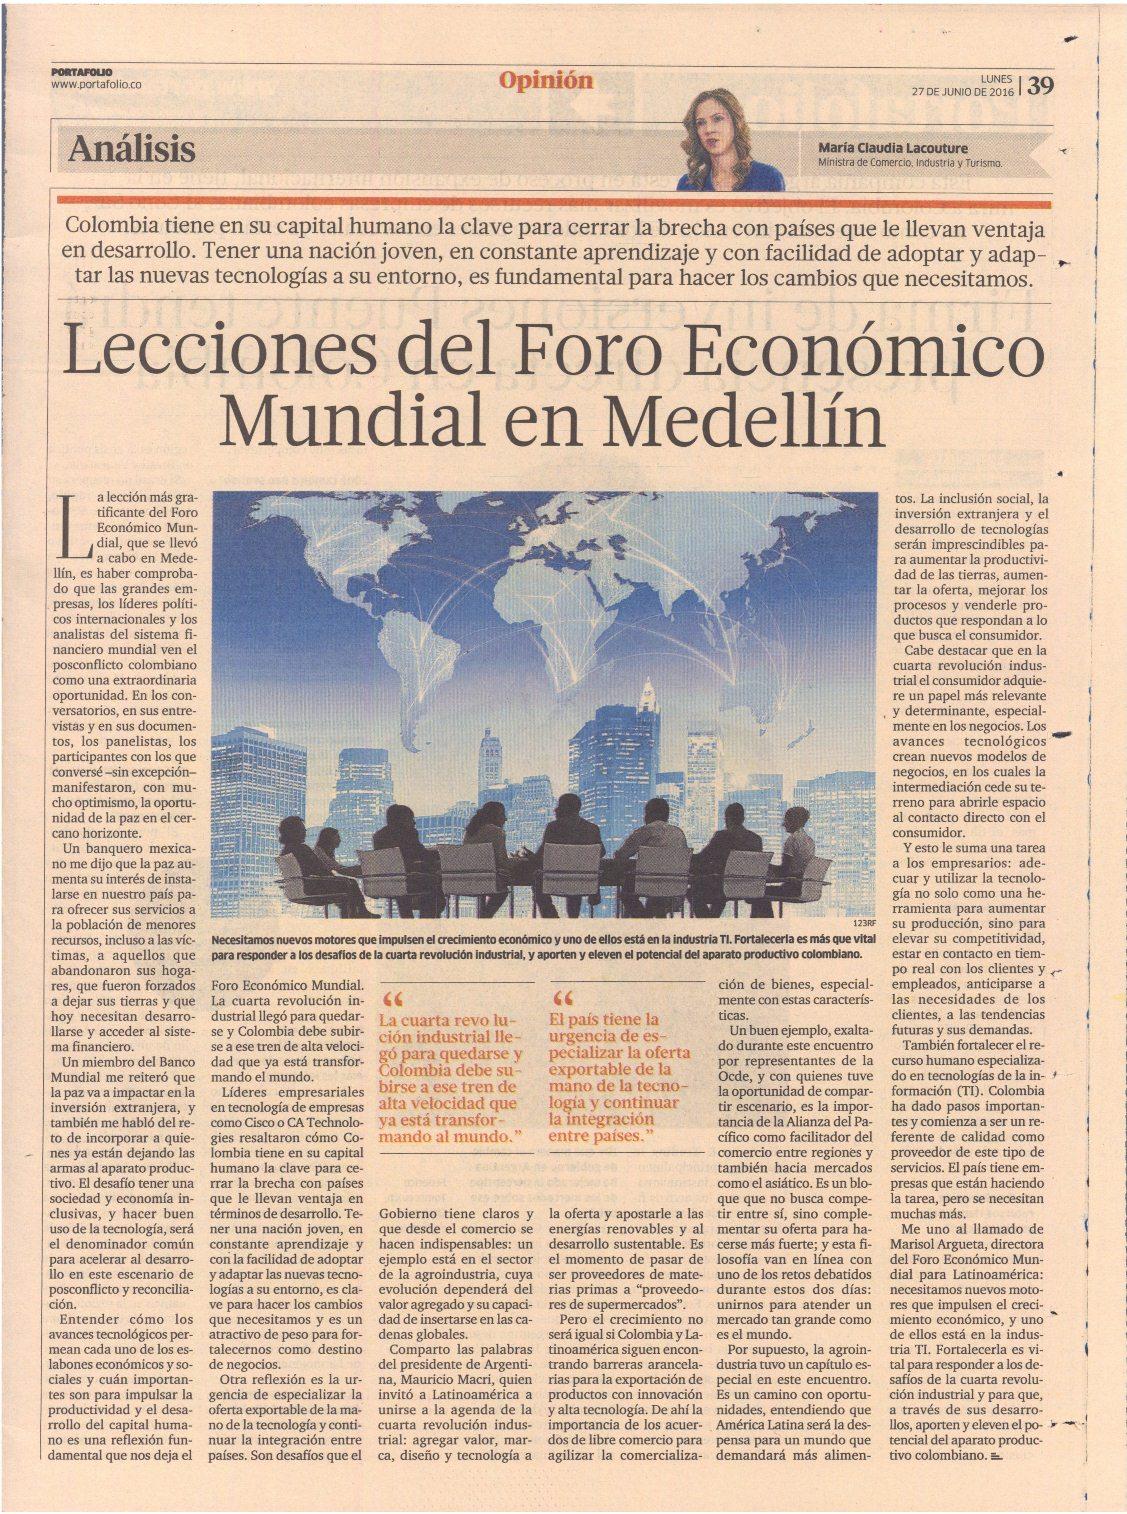 Lecciones del Foro Económico Mundial en Medellín